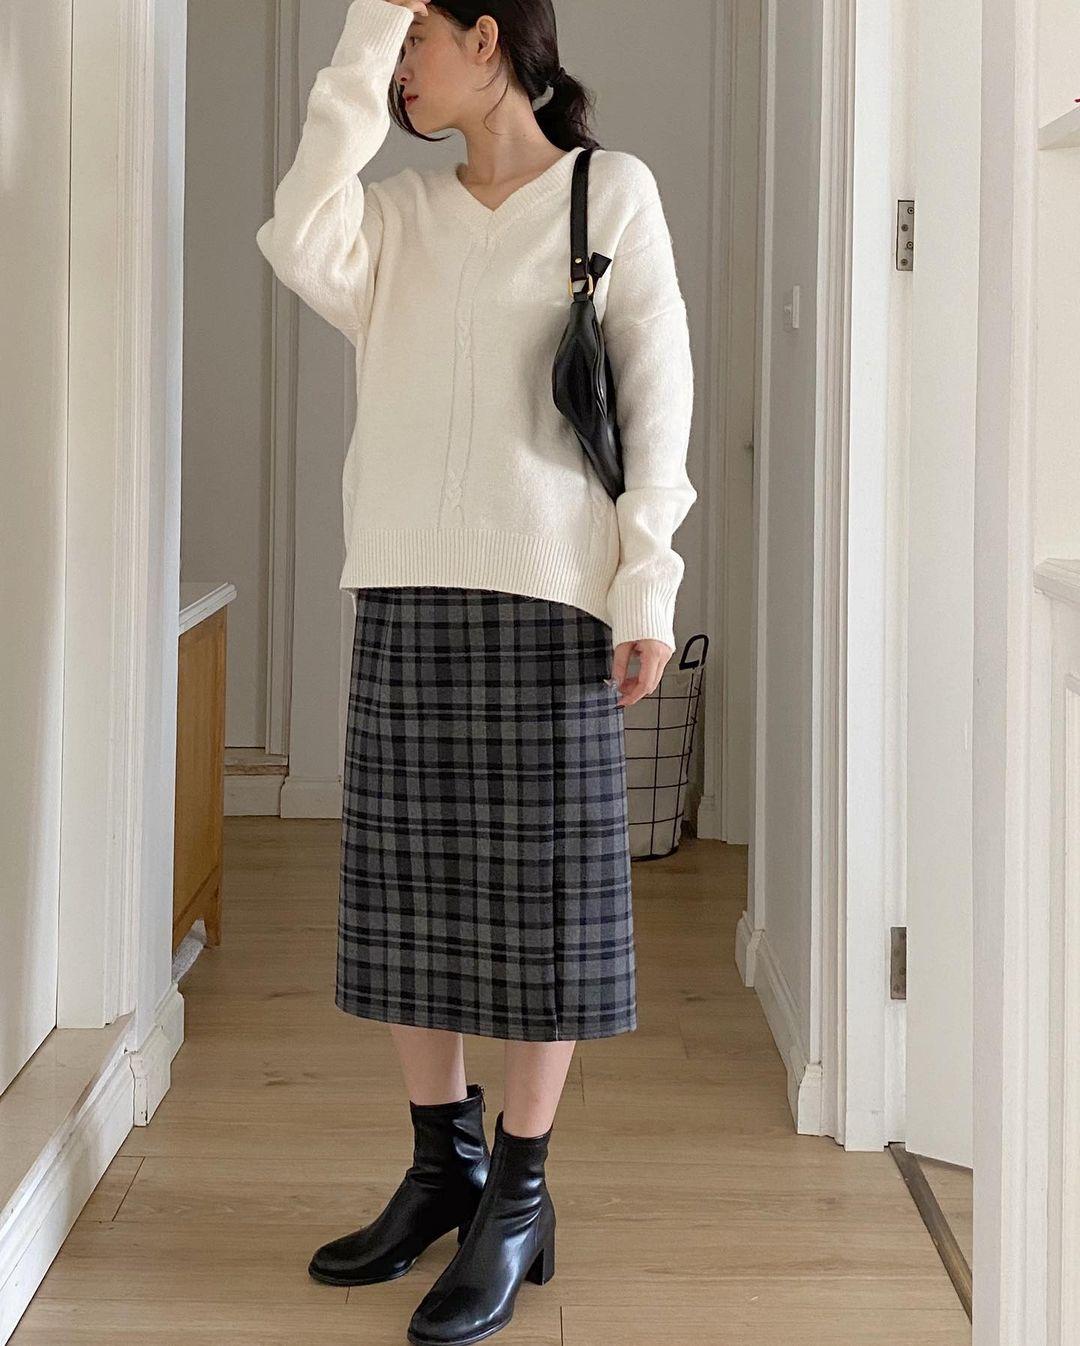 Chỉ từ 200k, các nàng đã sắm được chân váy dạ tweed ấm áp sang chảnh - Ảnh 7.